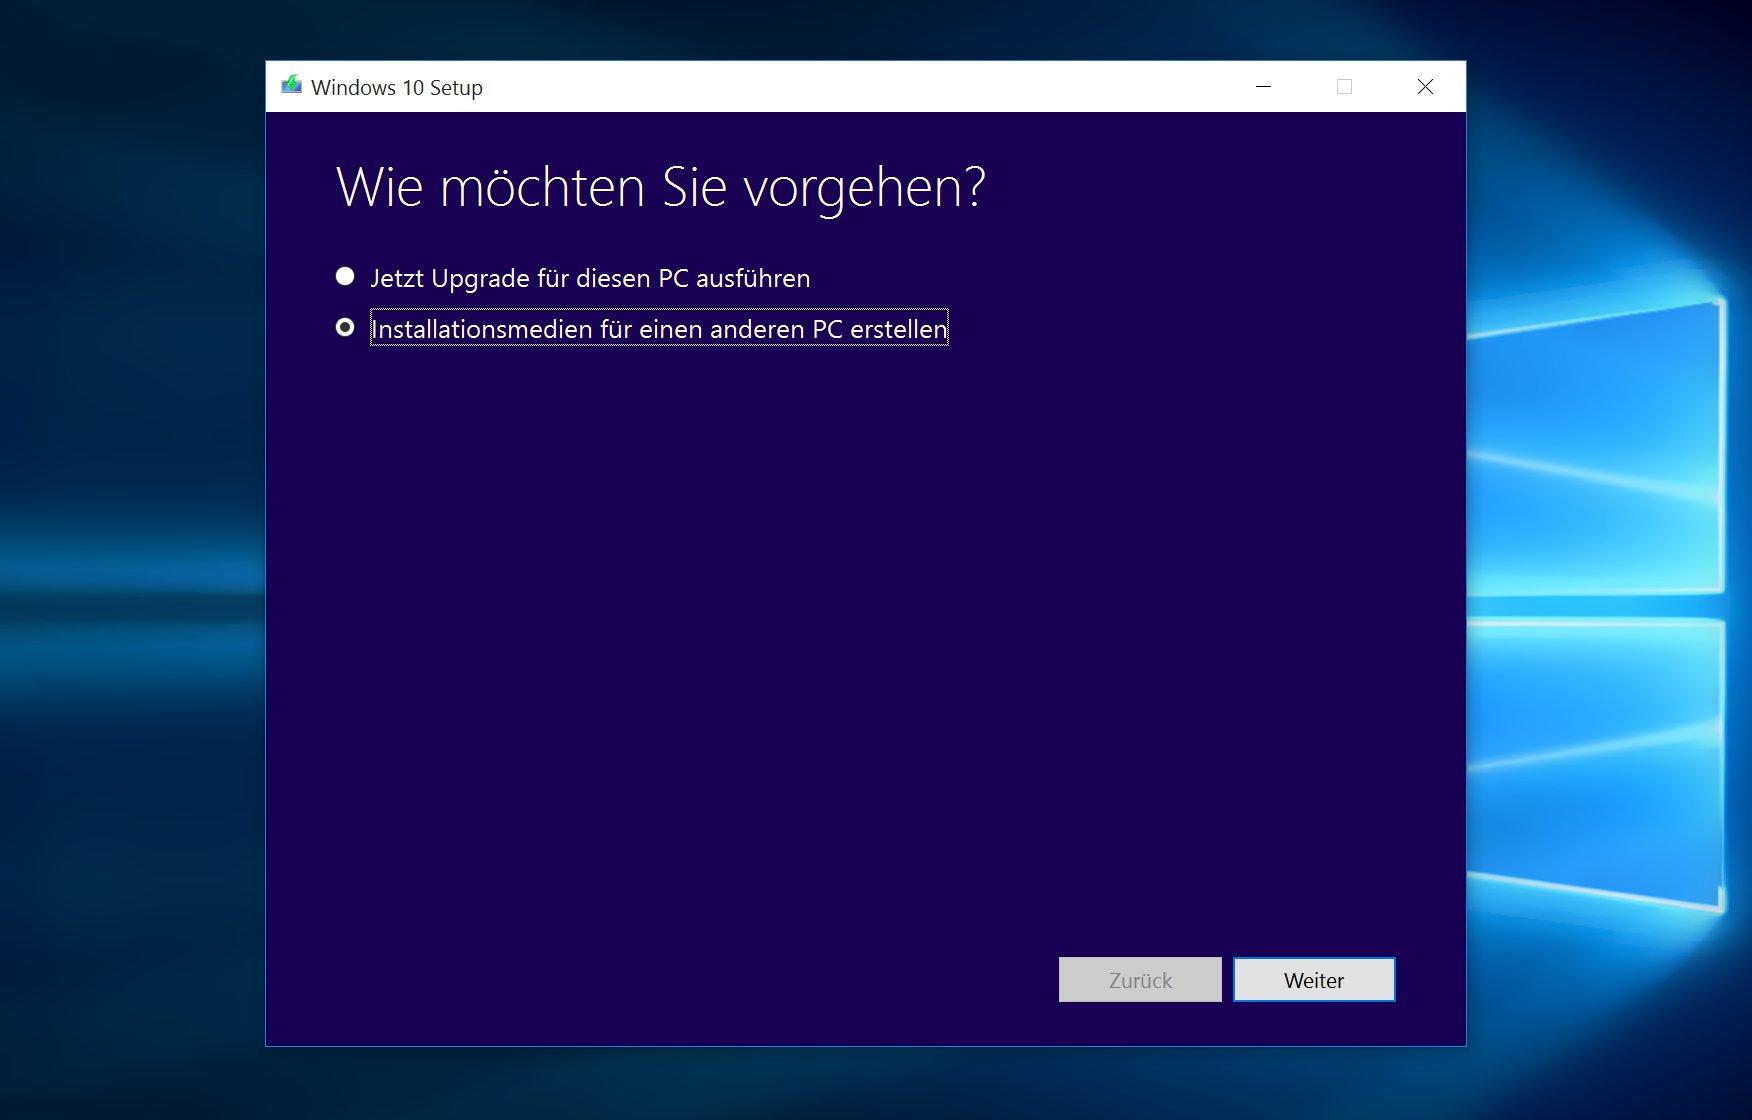 ... jpeg 200kB, 1752 x 1120 jpeg 200kB, Windows 10 upgrade tool download